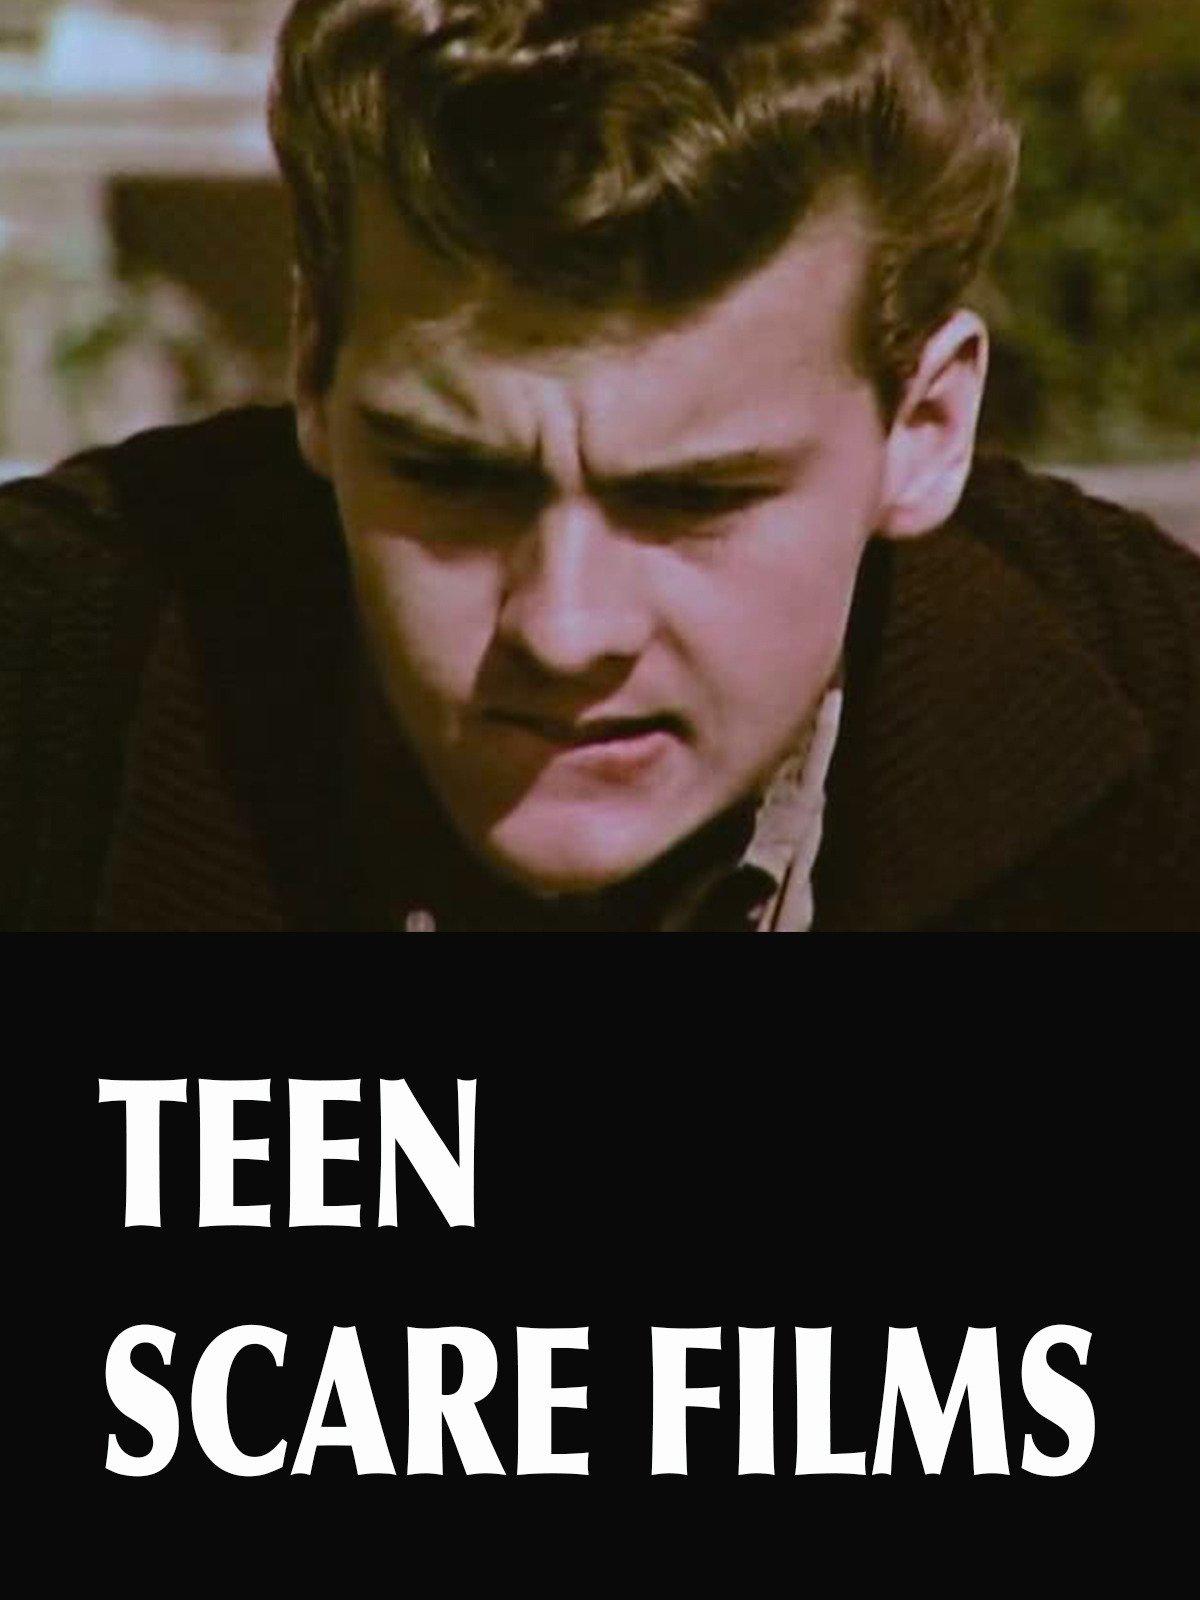 Teen Scare Films